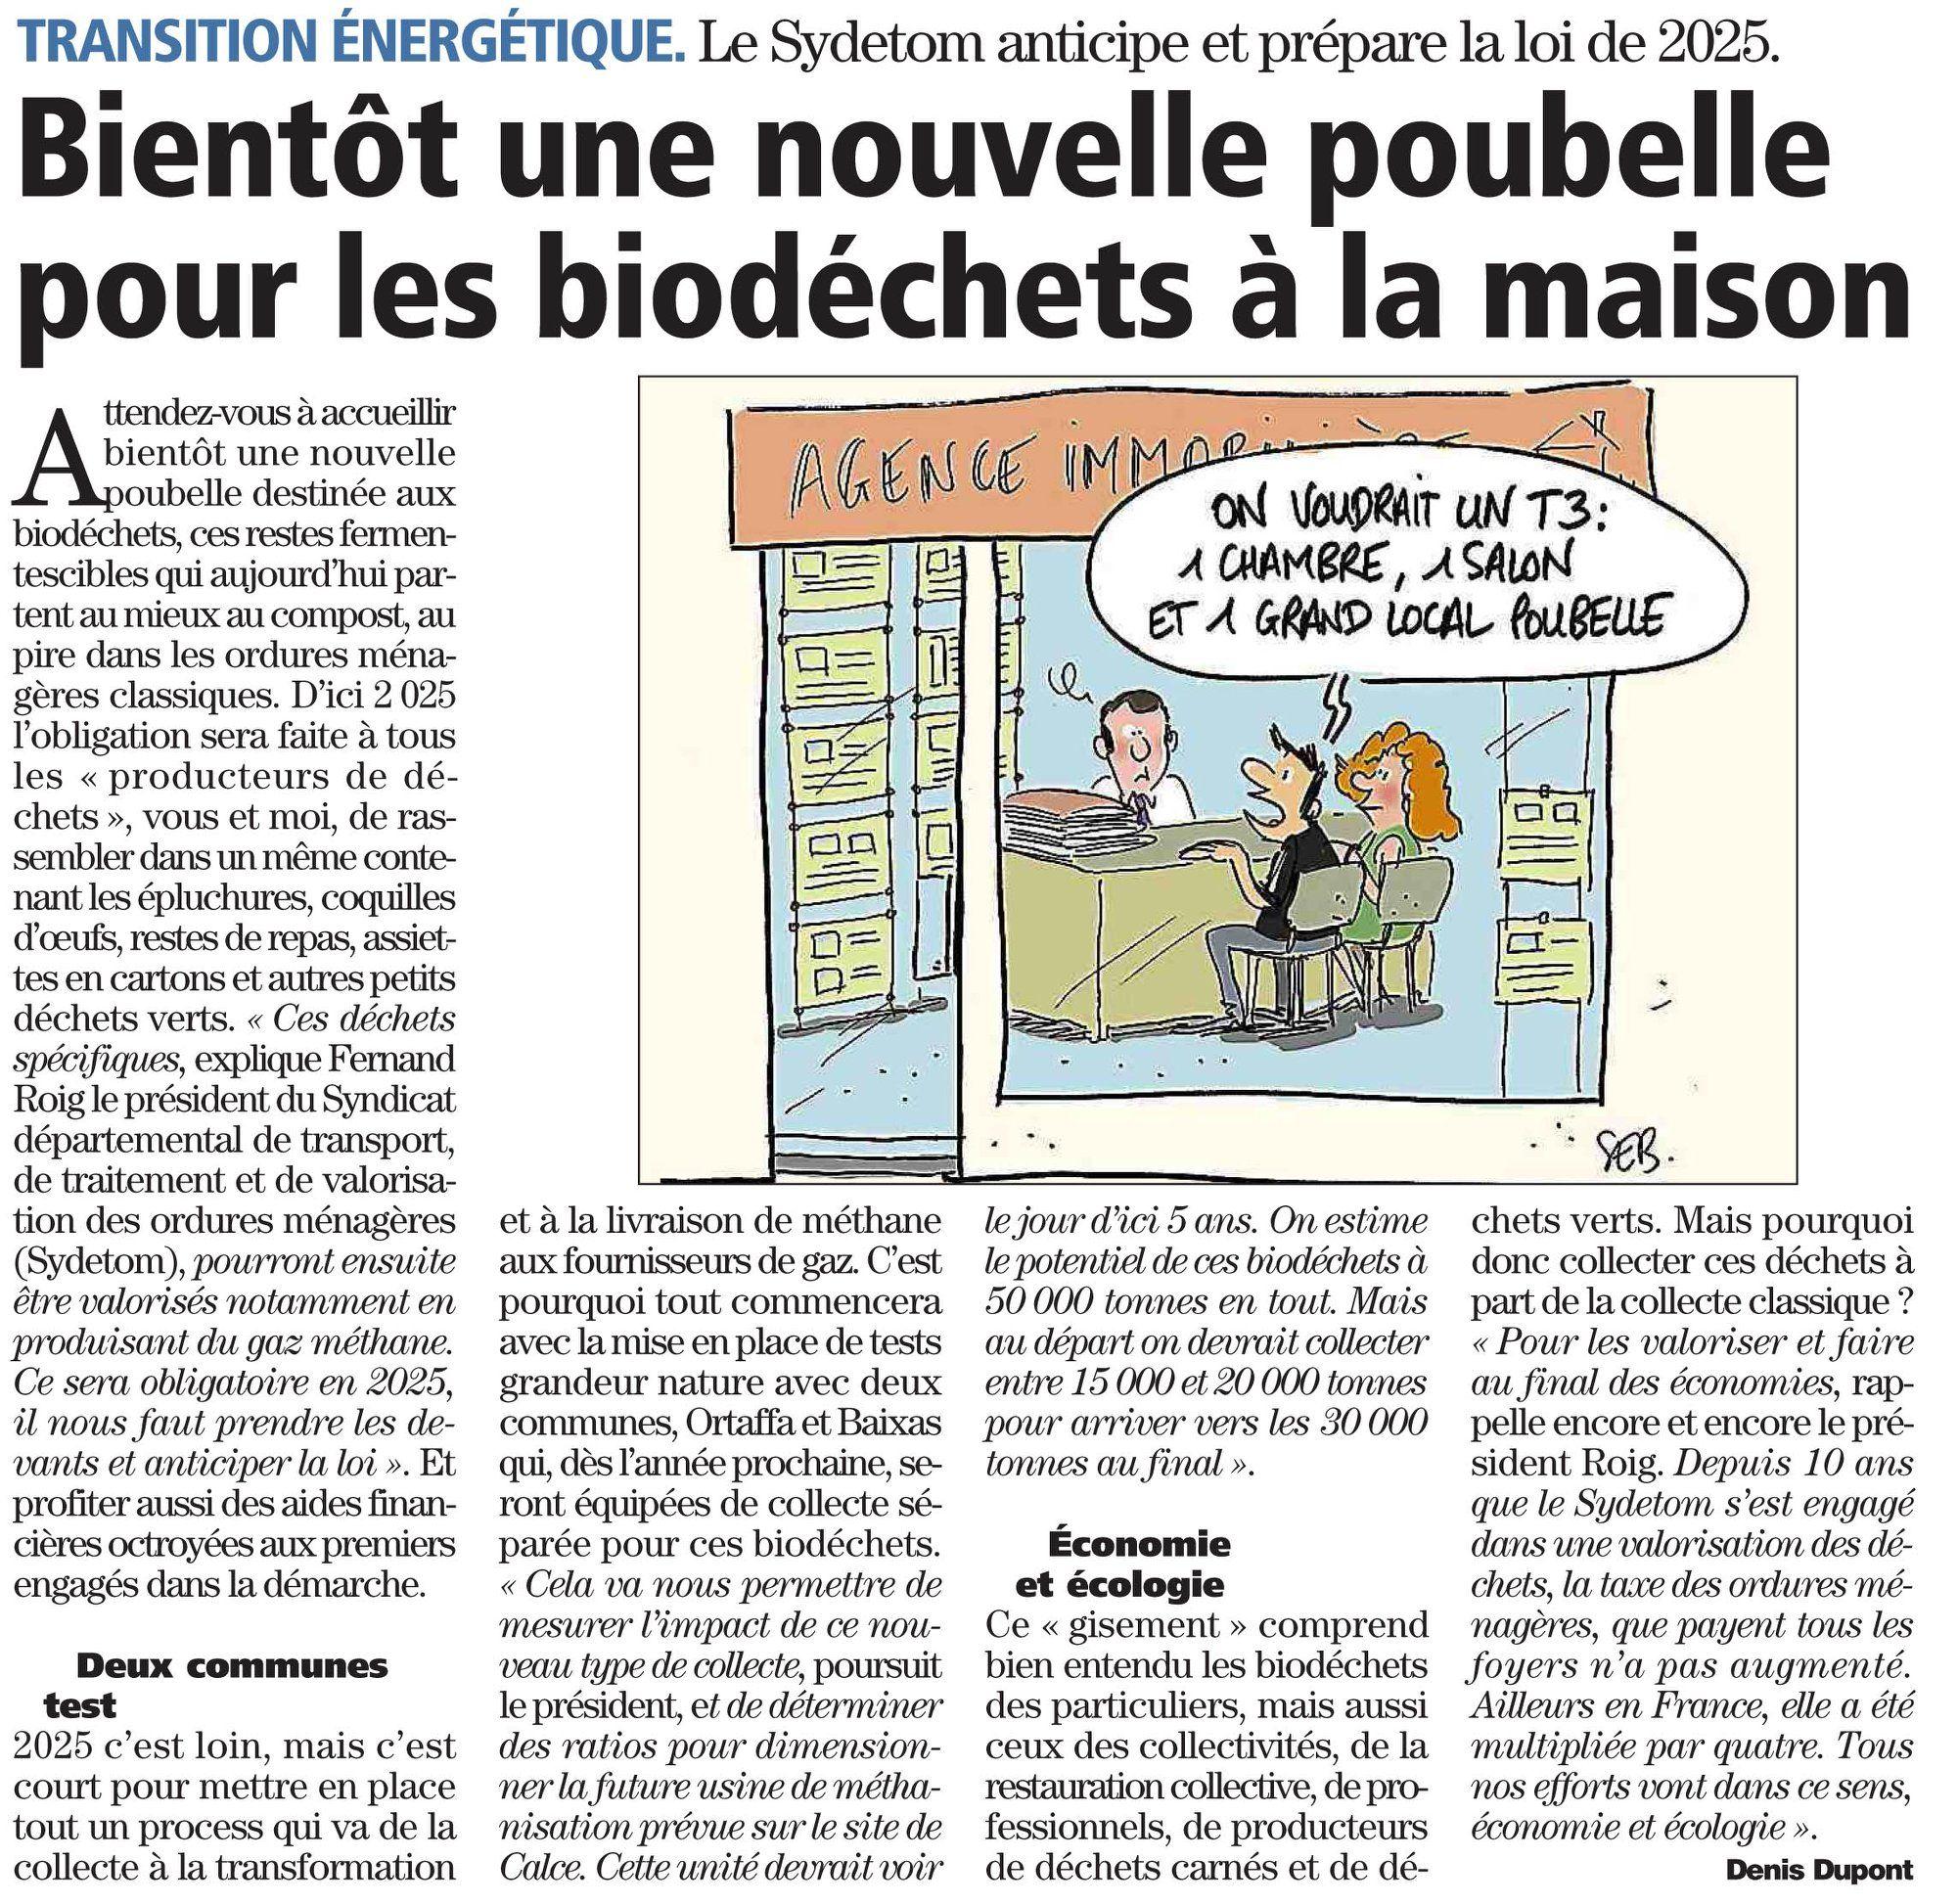 P.-O. – Bientôt une nouvelle poubelle pour les biodéchets à la maison